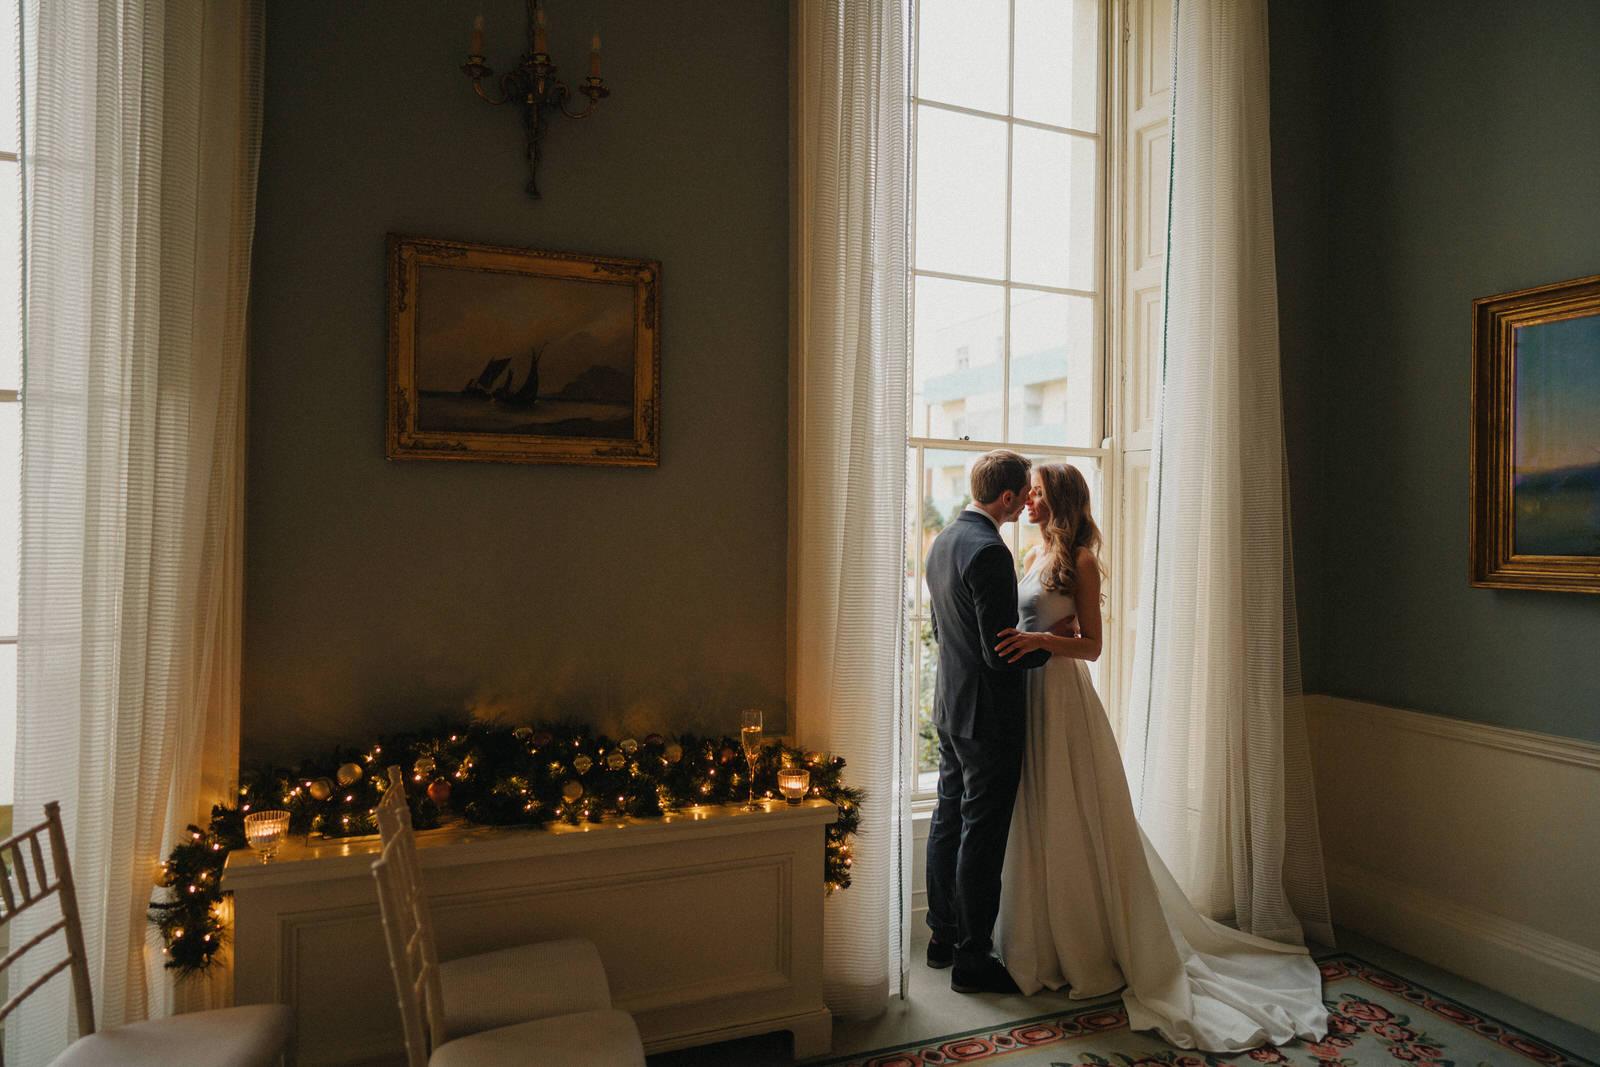 Merrion-Hotel-Dublin-wedding-photos-6 4